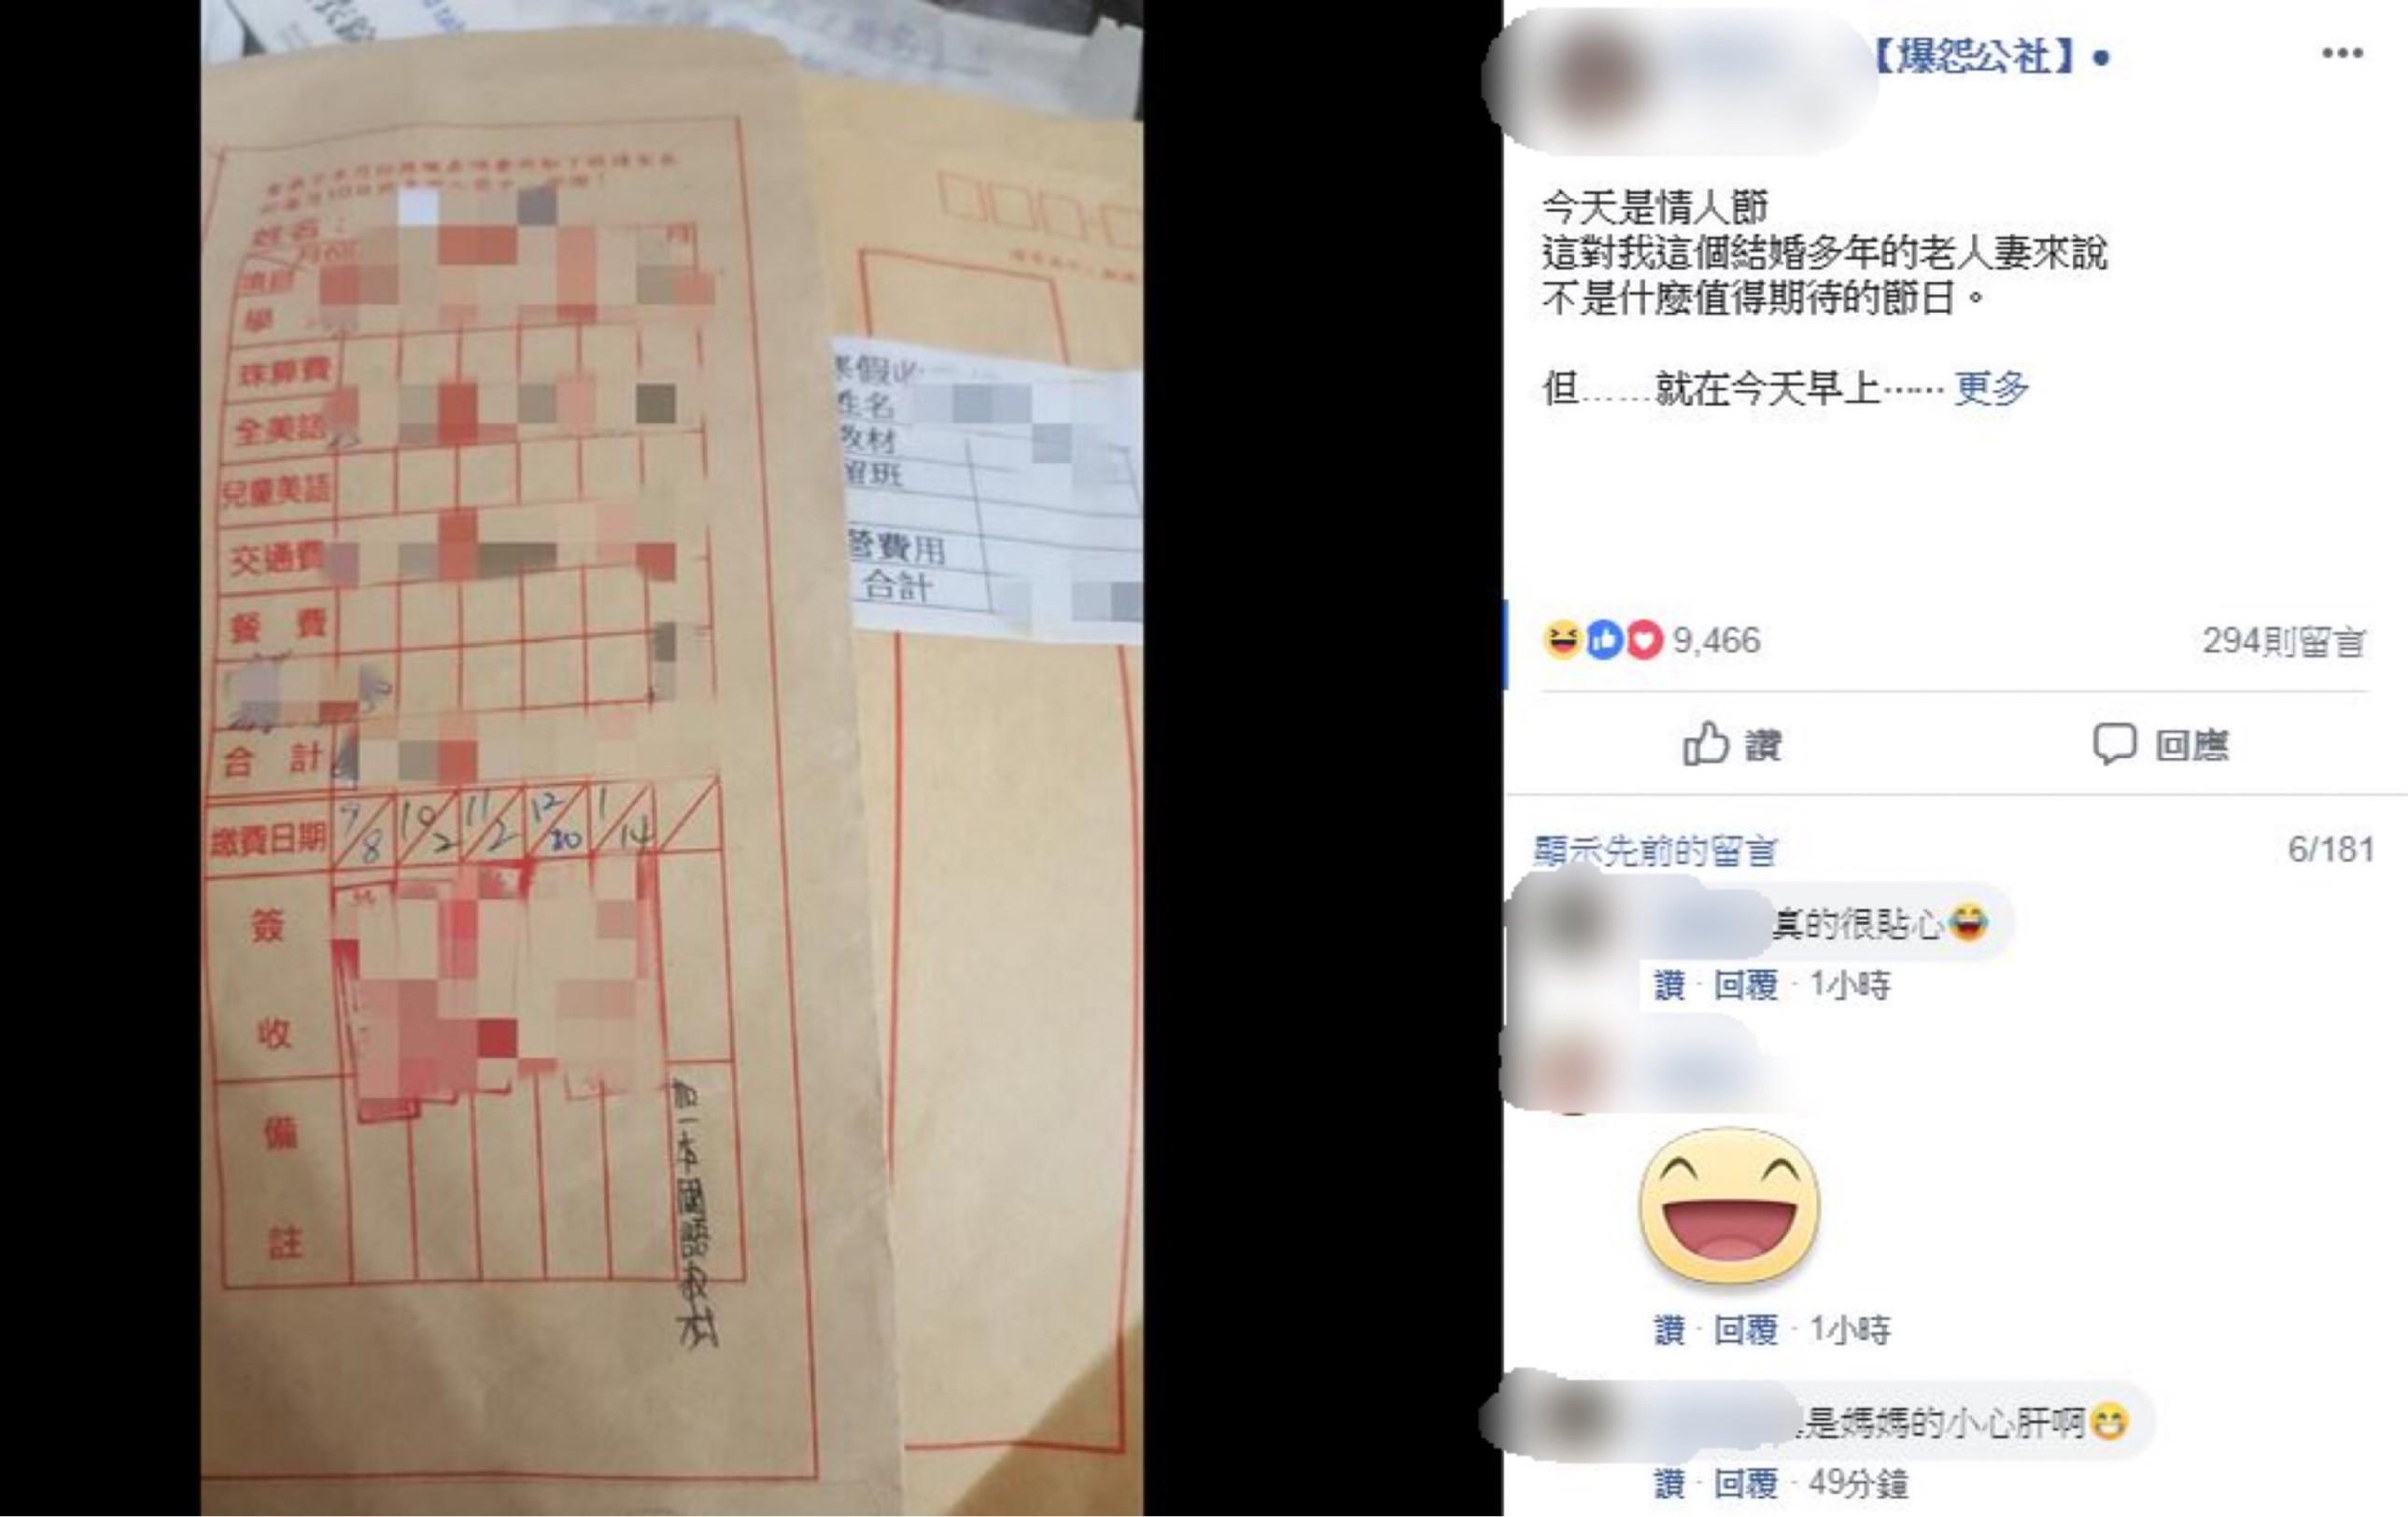 女網友發文表示自己收到兒子禮物後心碎。圖/翻攝自爆怨公社